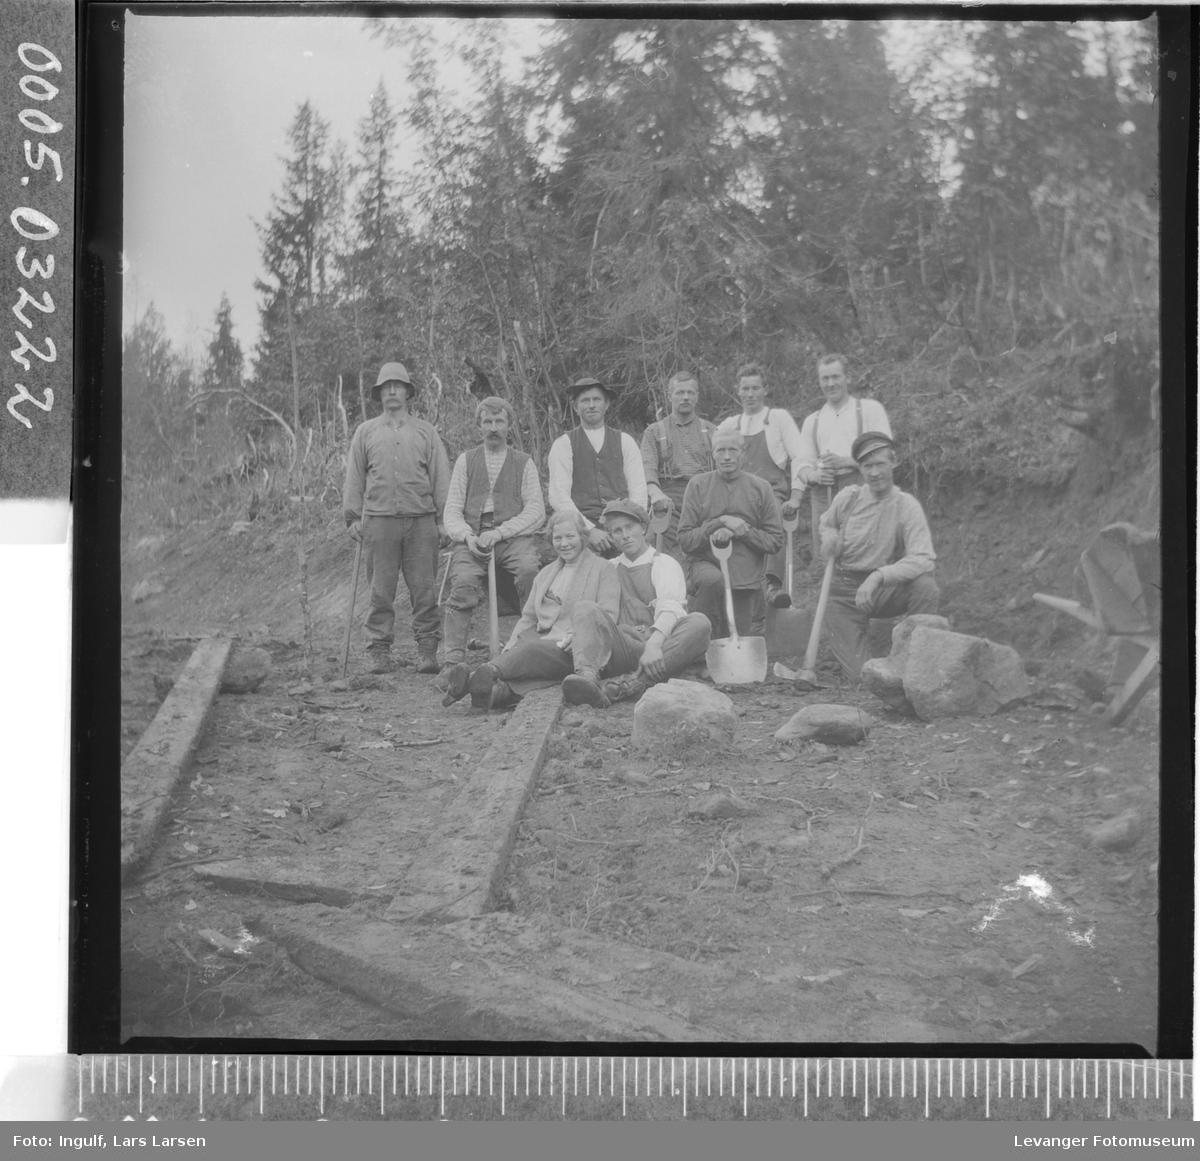 Gruppebilde av ni vegarbeidere og en kvinne.